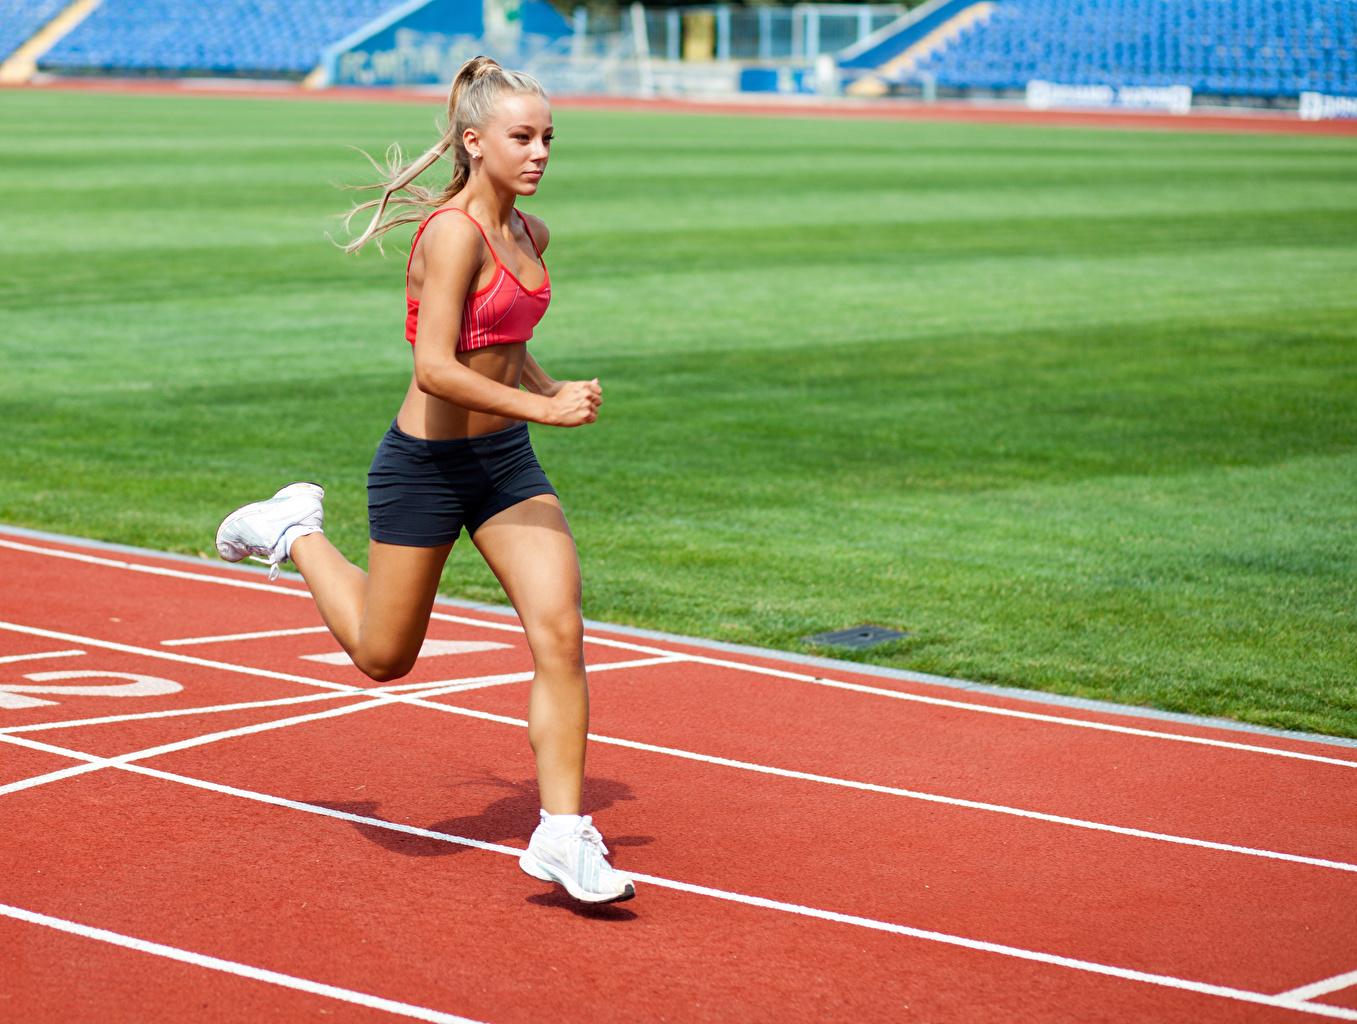 Картинки Блондинка Тренировка Бег Спорт Девушки Физические упражнения